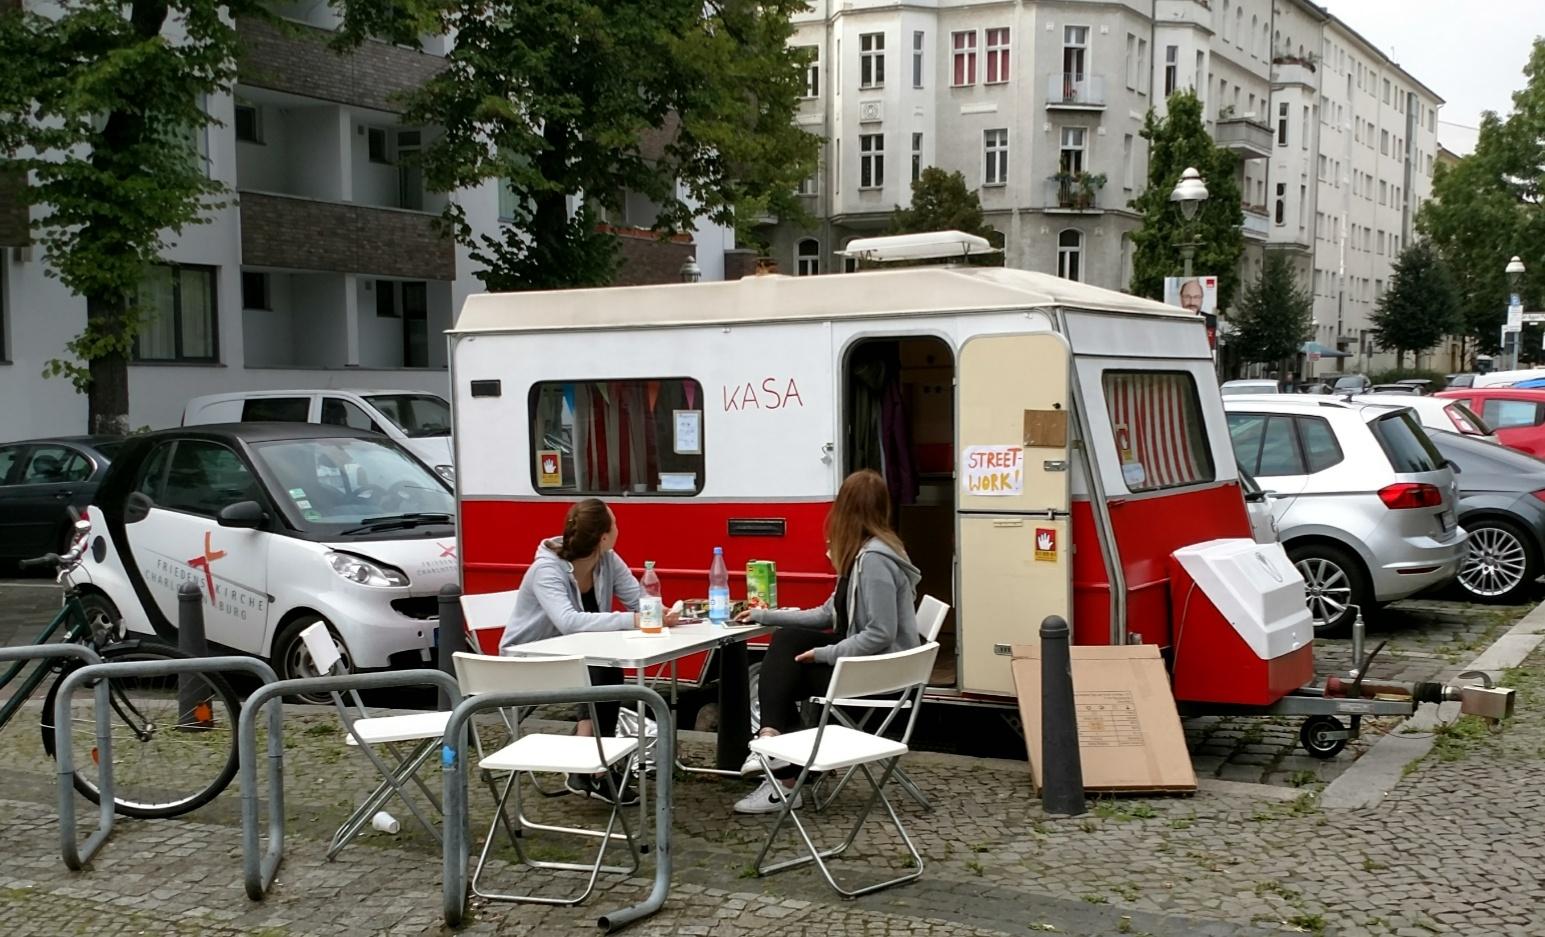 Streetwork-Projekt mit Wohnwagen